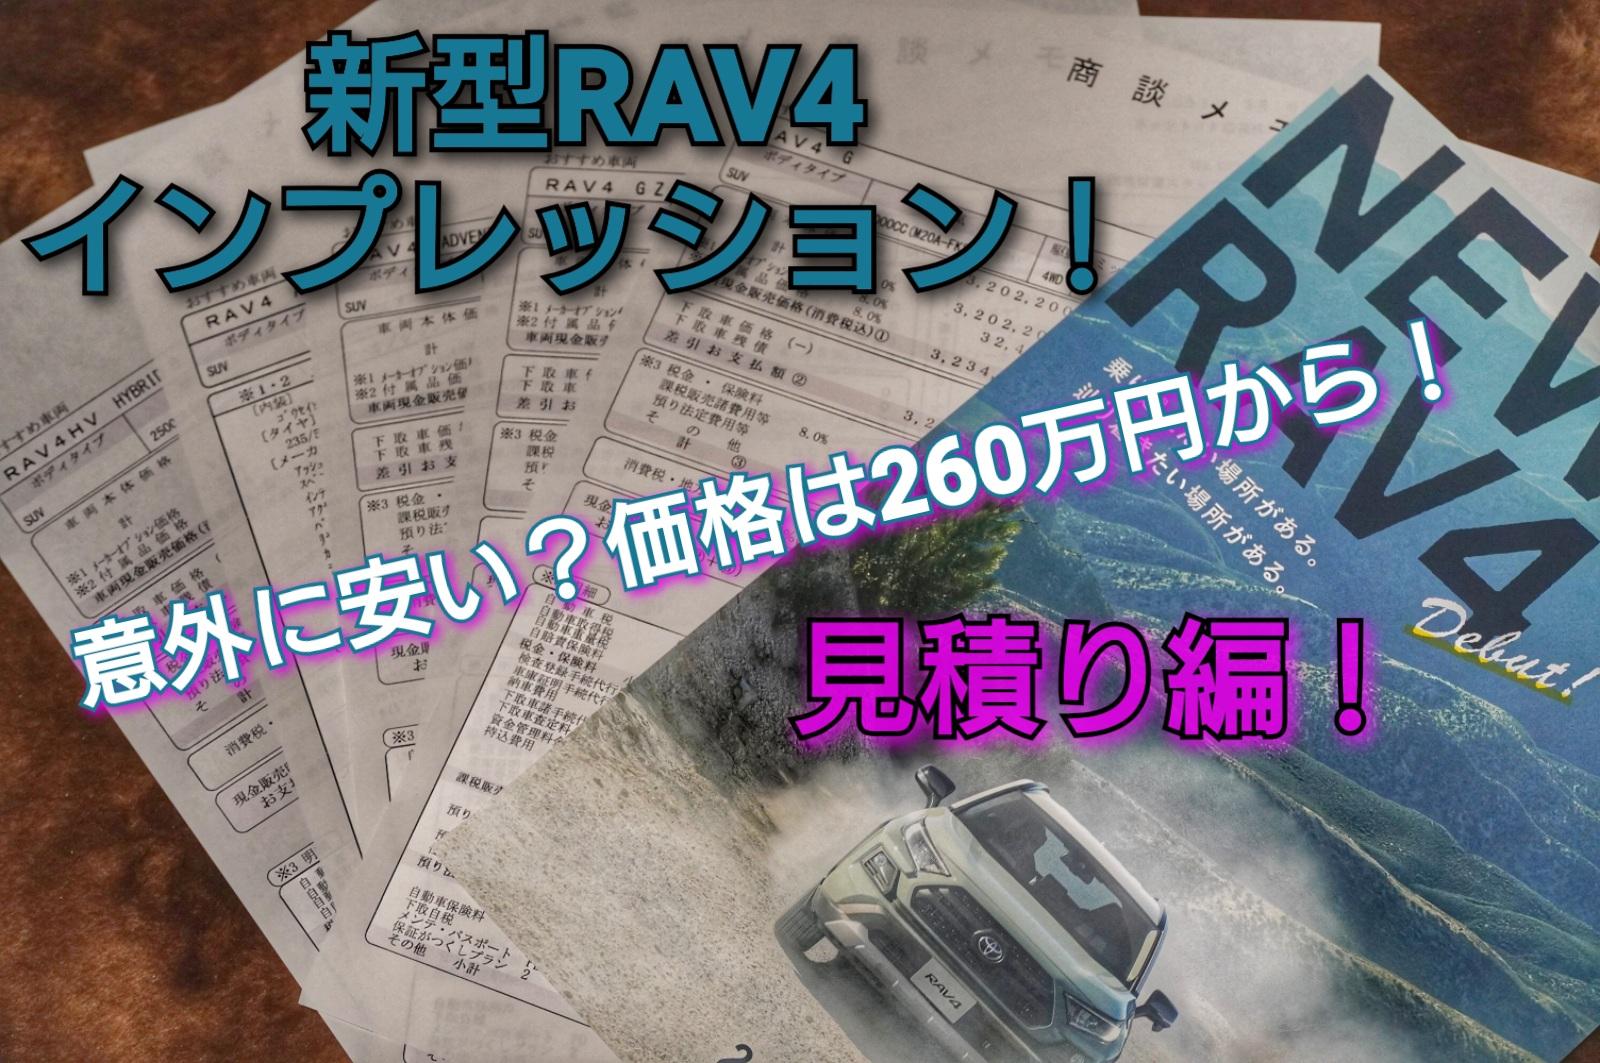 【価格は260万円から!】見積もり編!新型RAV4インプレッション!①